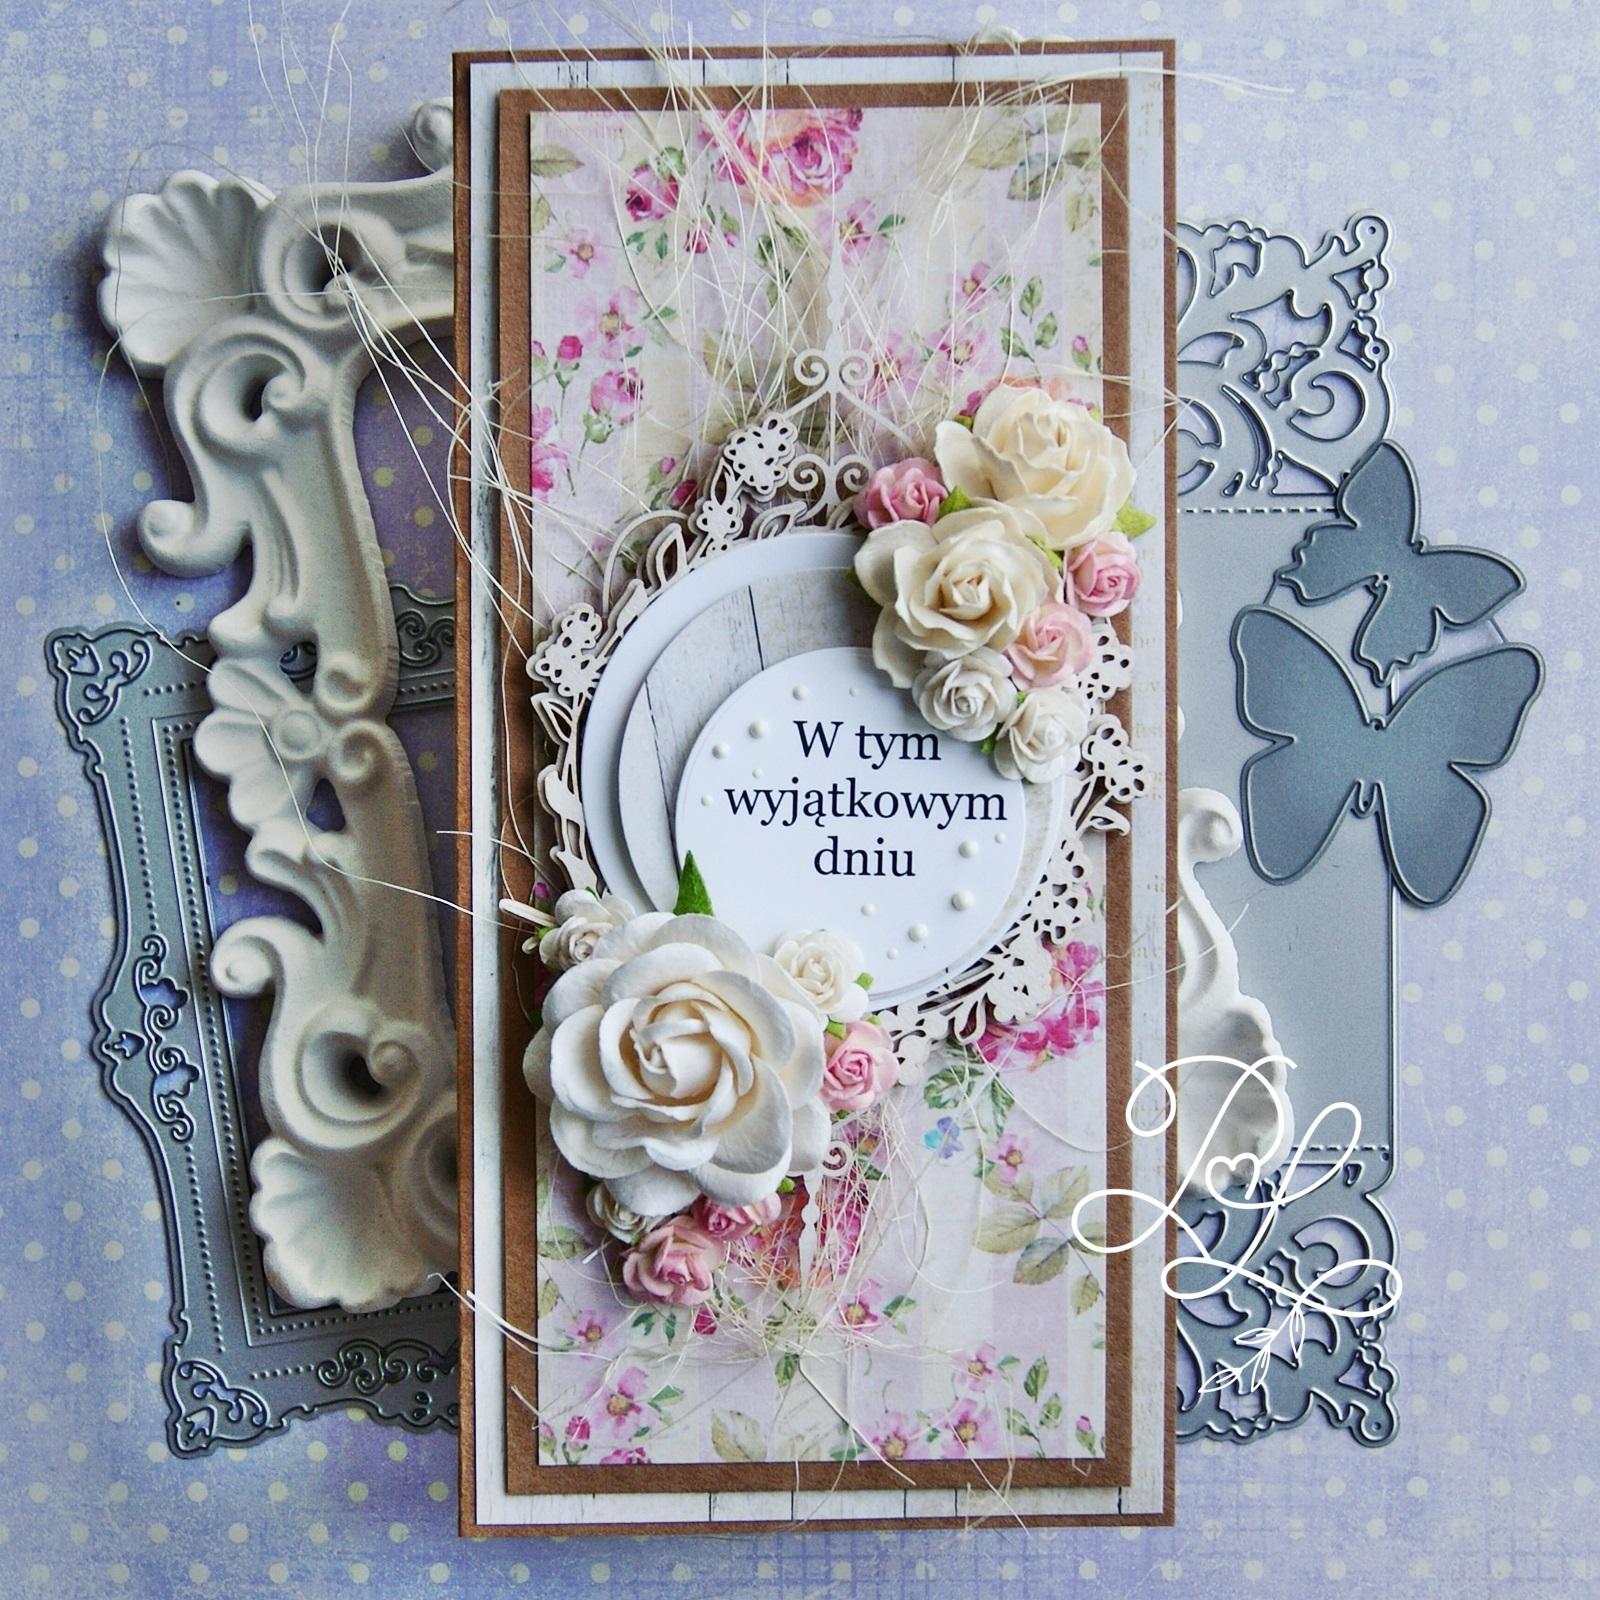 Warstwowa i ukwiecona kartka urodzinowa/imieninowa/ślubna w Papierowe Love - sklepie papierniczym i pracowni rękodzieła w Siechnicach.